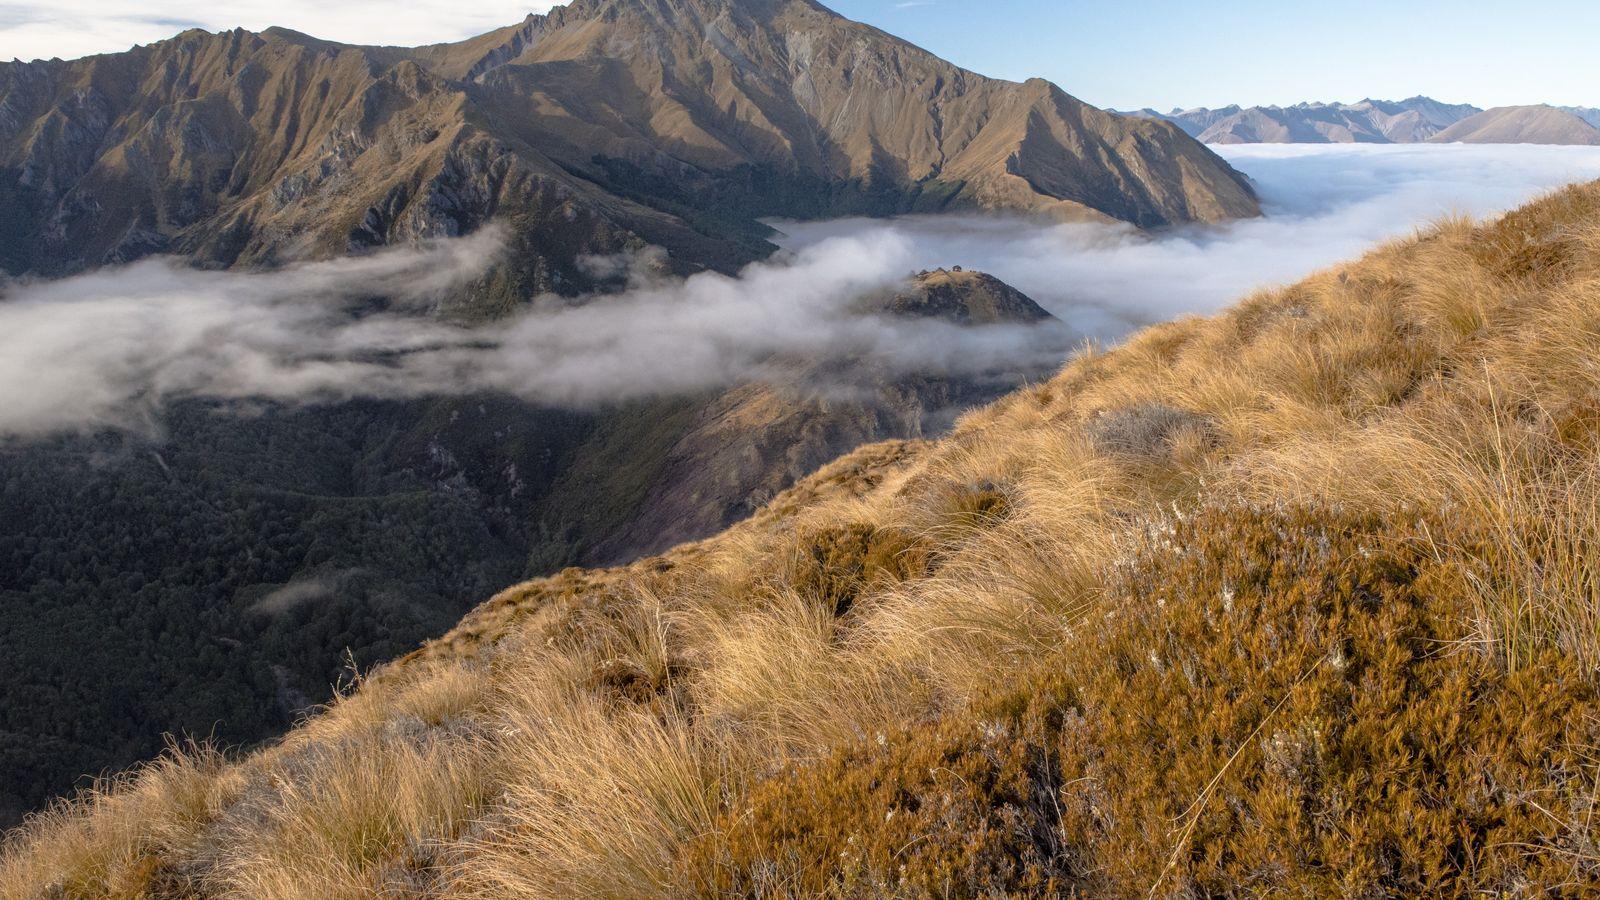 Die Morgensonne bringt die zerklüftete Landschaft um den Mount Crichton zum Leuchten. Unterhalb der Wolkendecke liegt ...